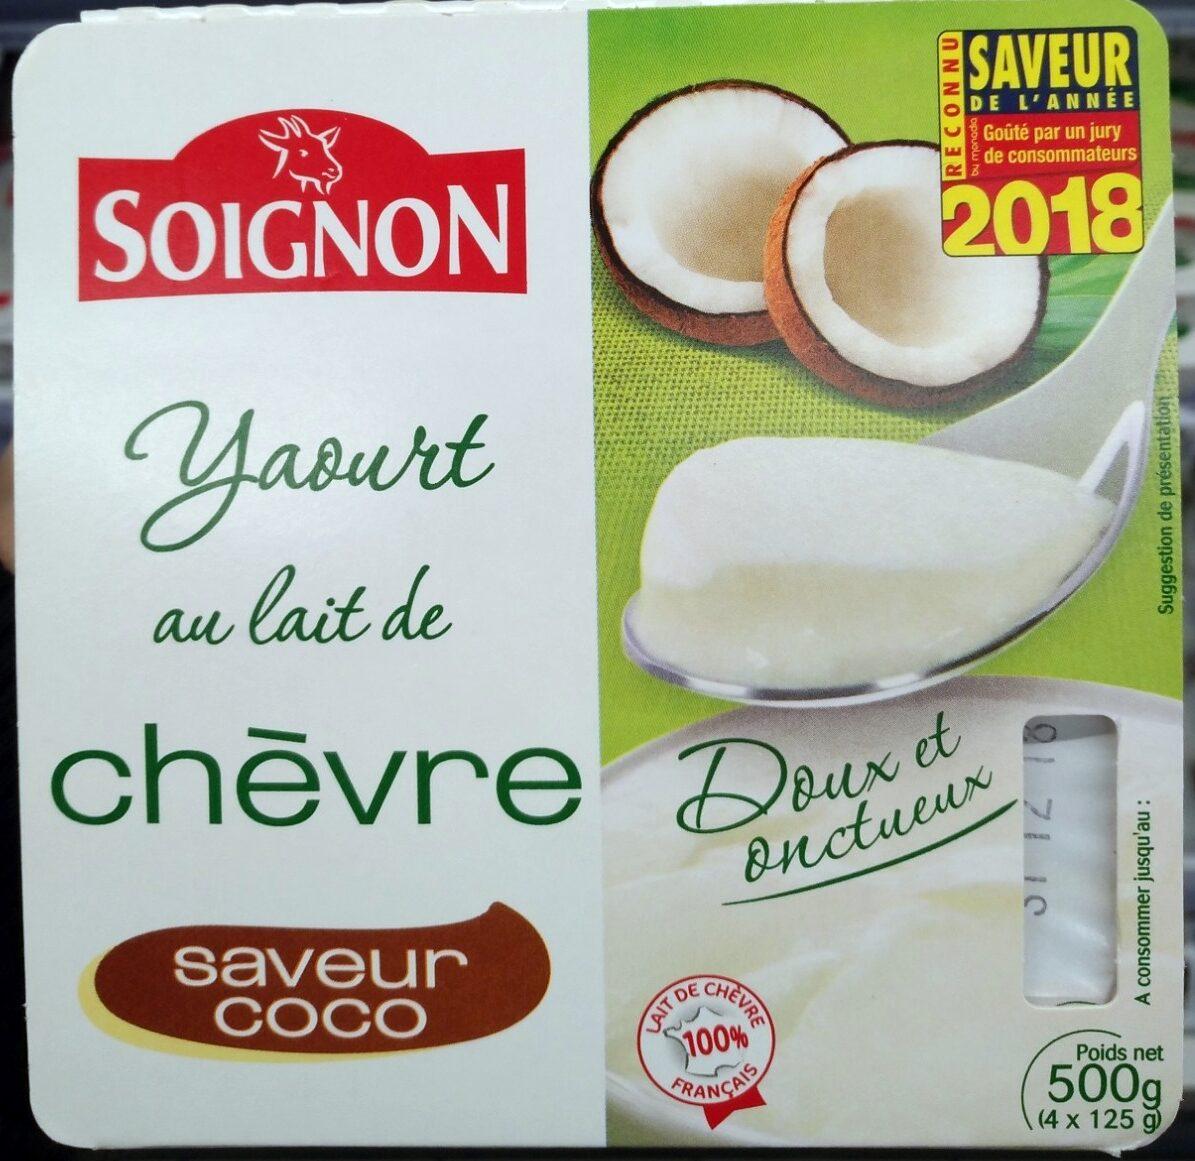 Yaourt au lait de chèvre saveur coco - Product - fr